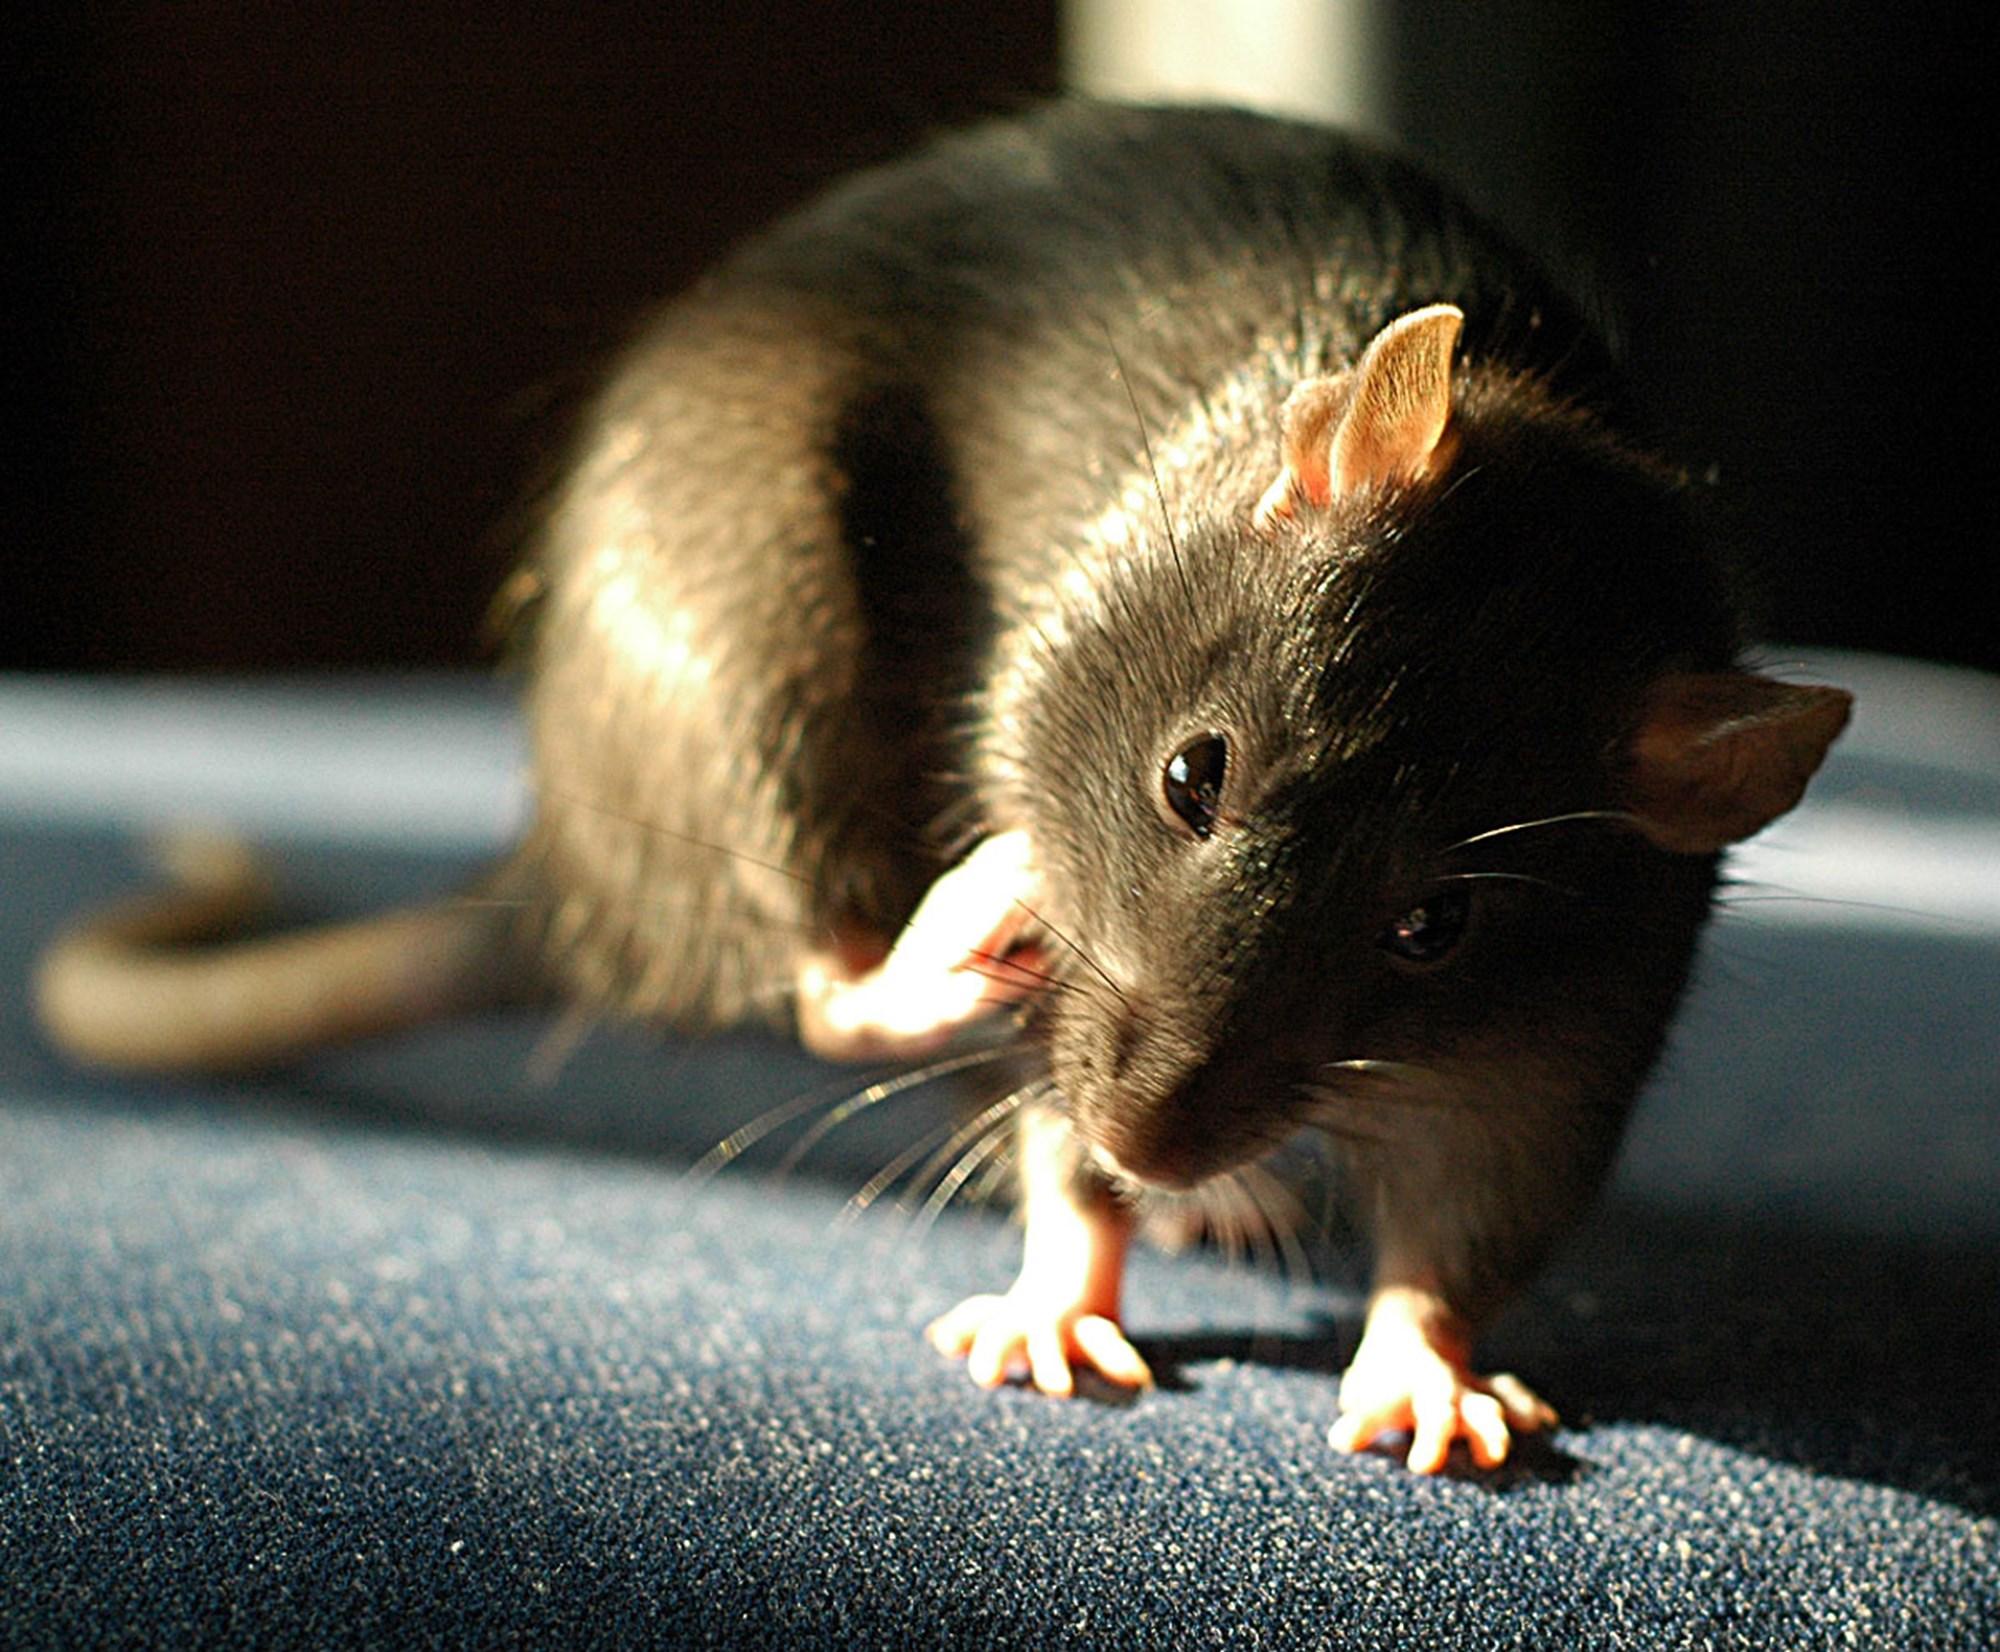 Traumwandler: Ratten wandern im Schlaf durch den Raum